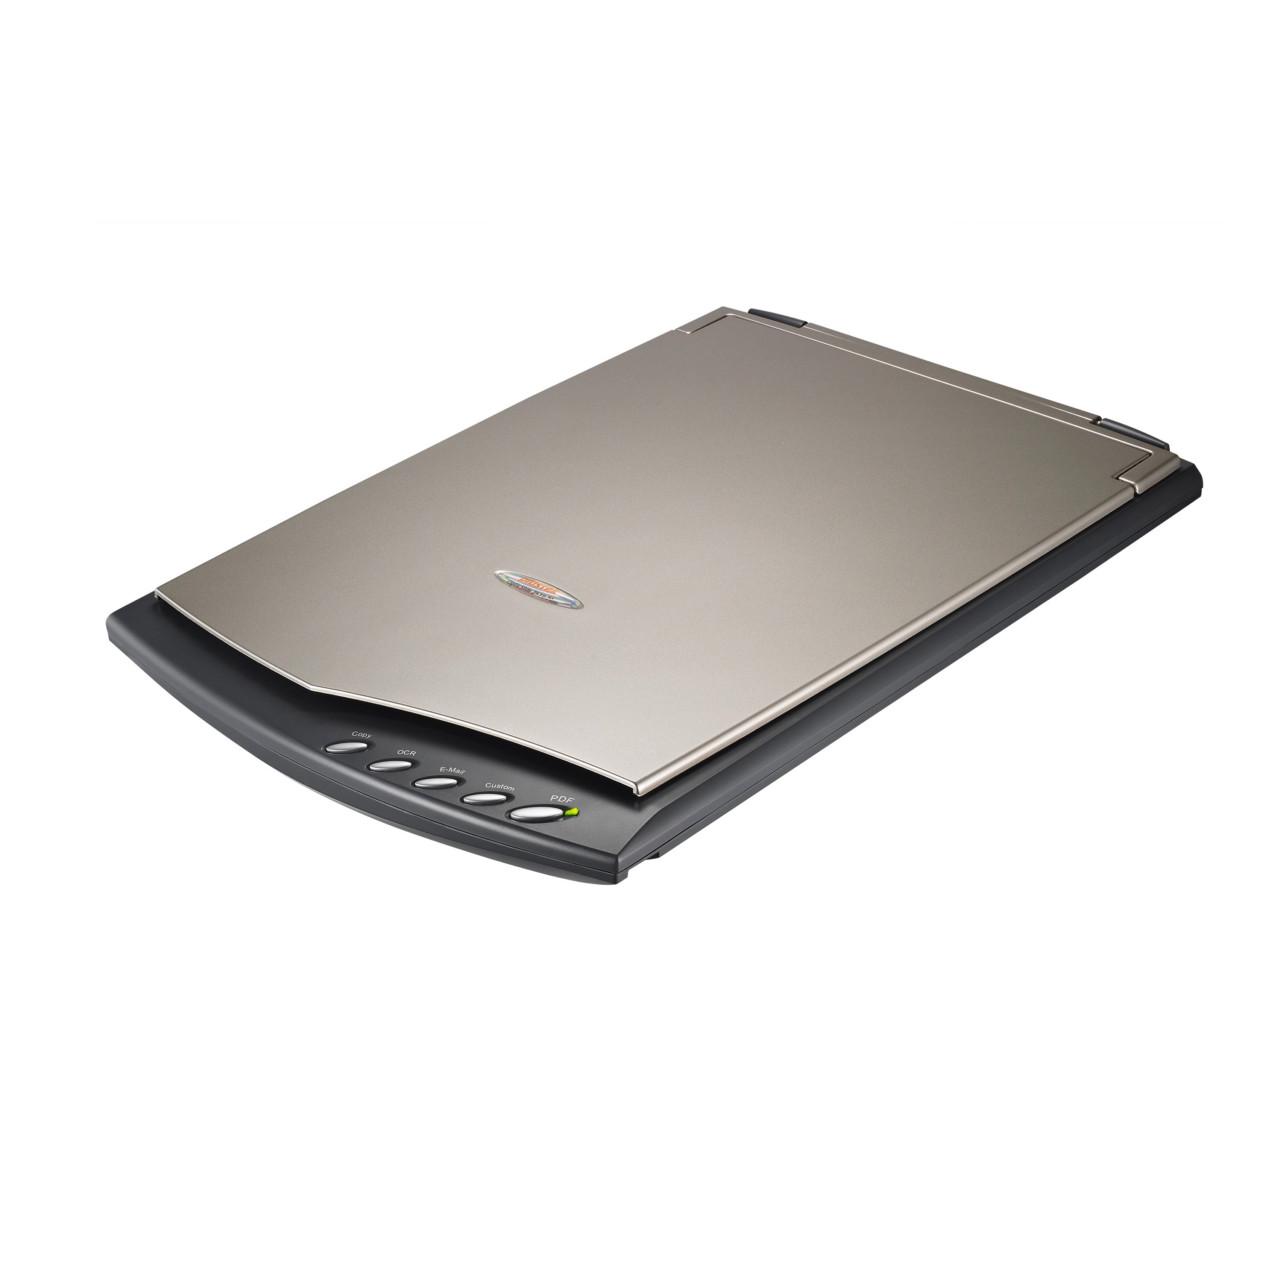 Máy scan Plustek OpticSlim 2610 Plus - Hàng Chính Hãng